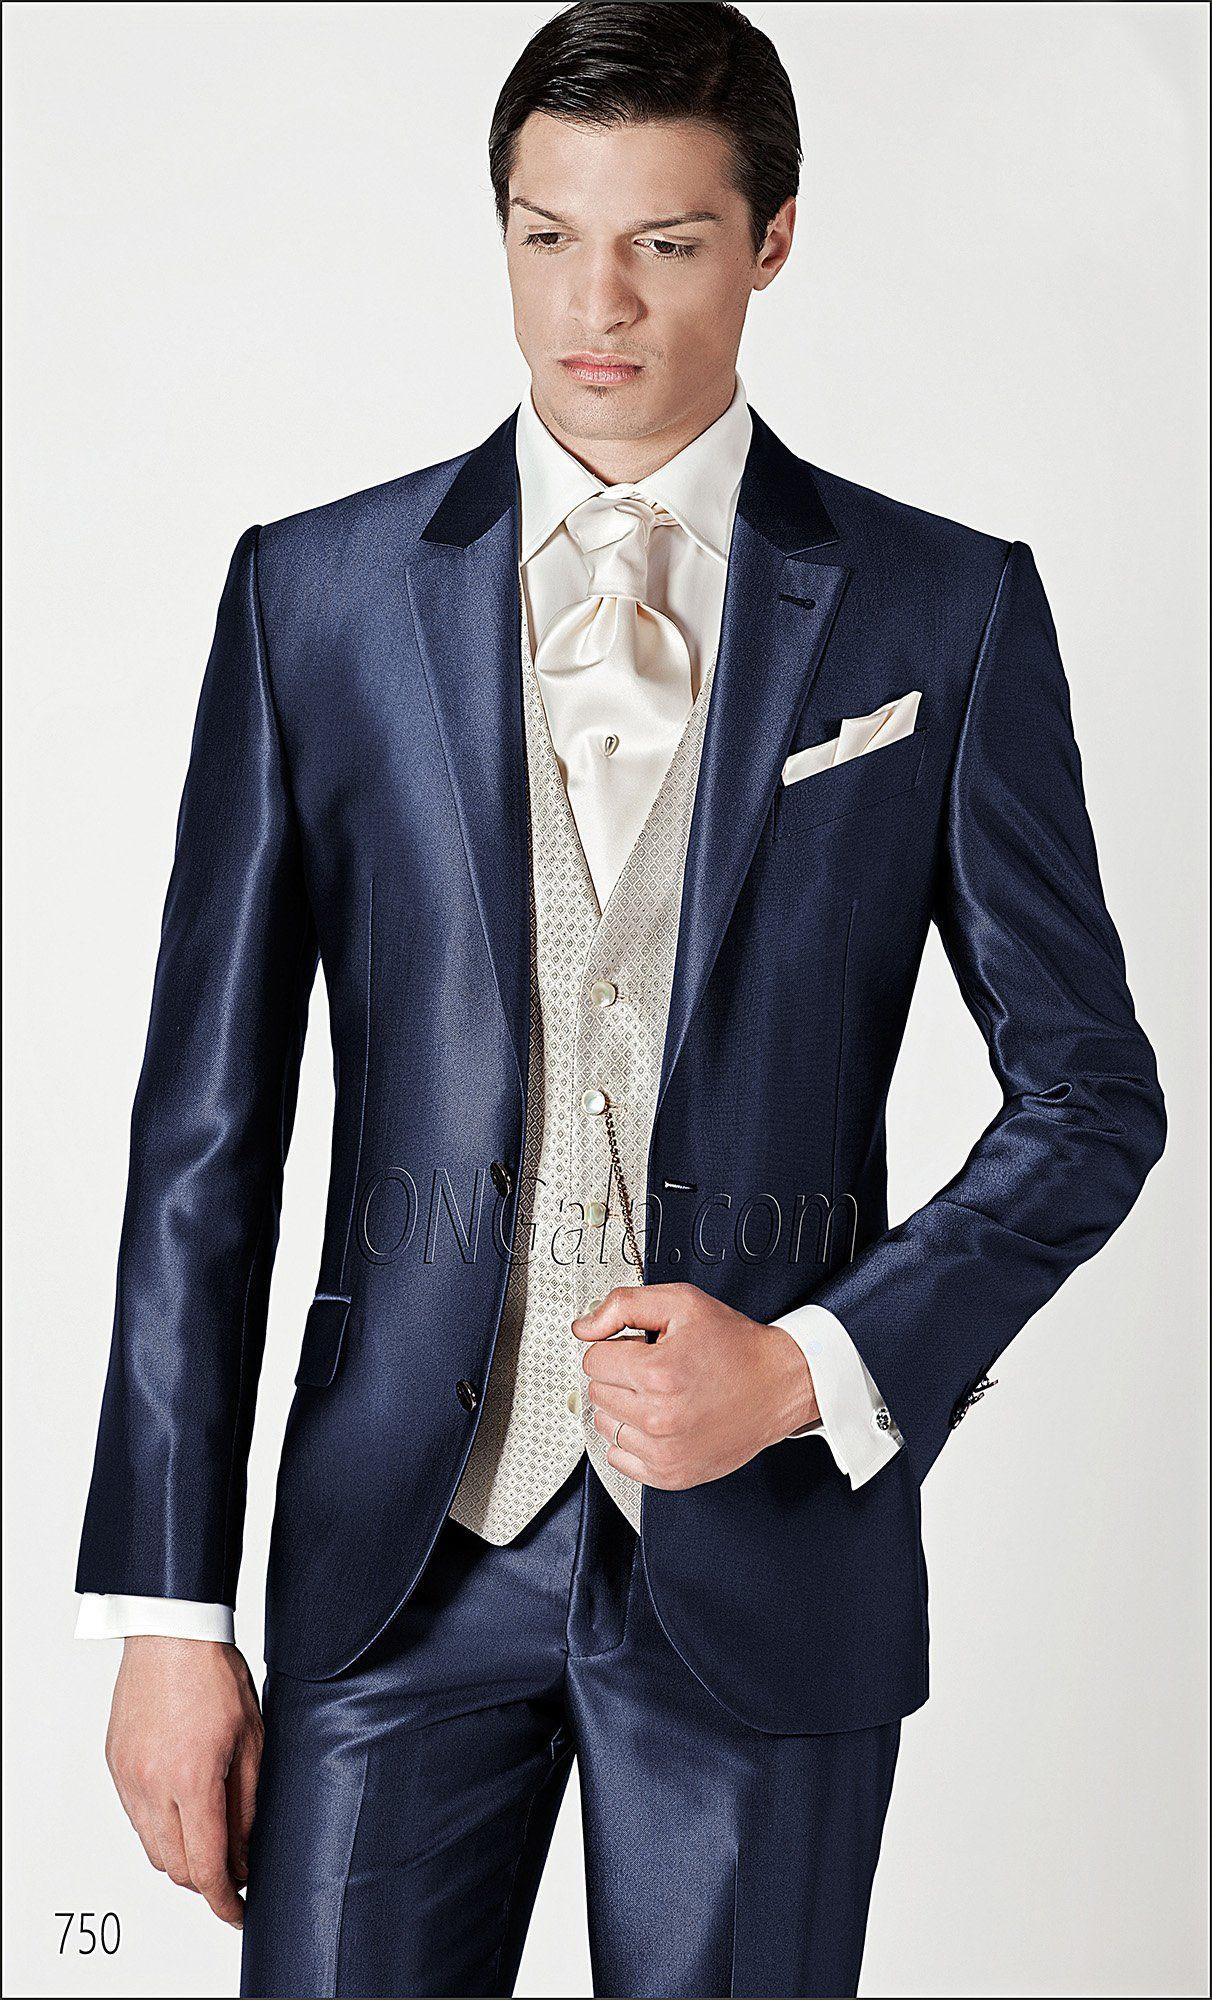 Anzug Hochzeit Bräutigam  ONGala 750 Bräutigam Anzug blau